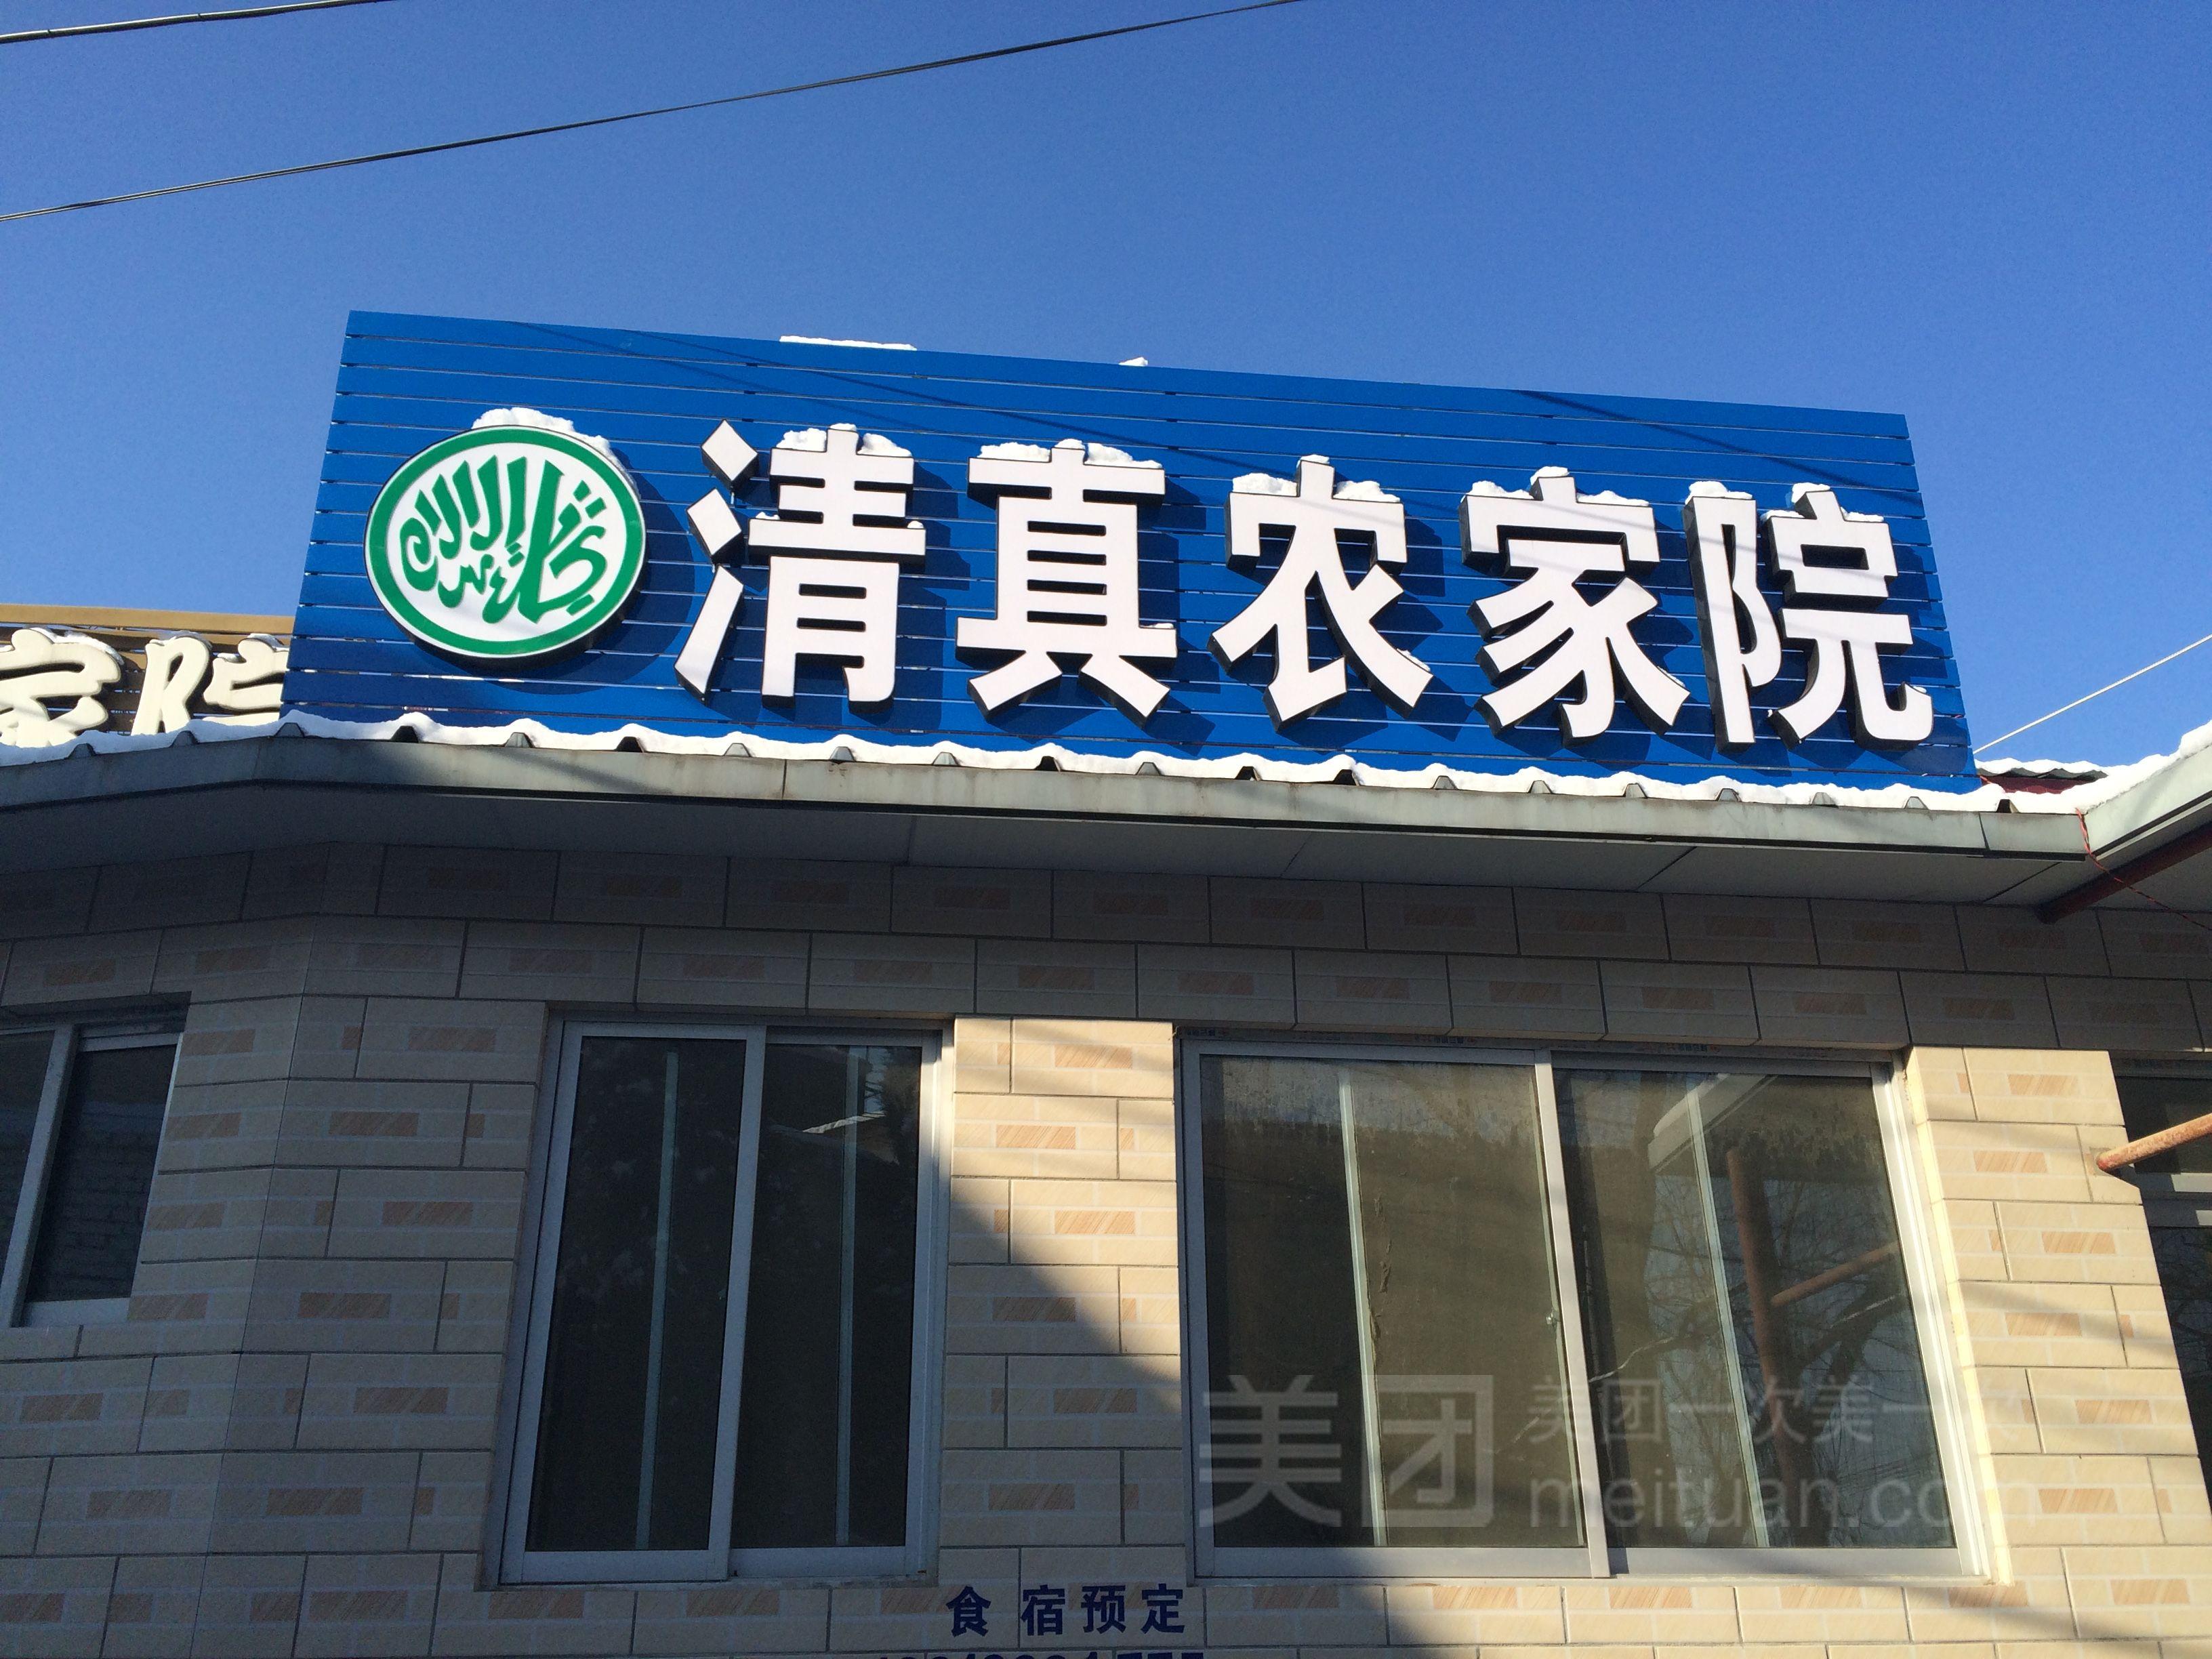 桃源仙谷清真农家院预订/团购